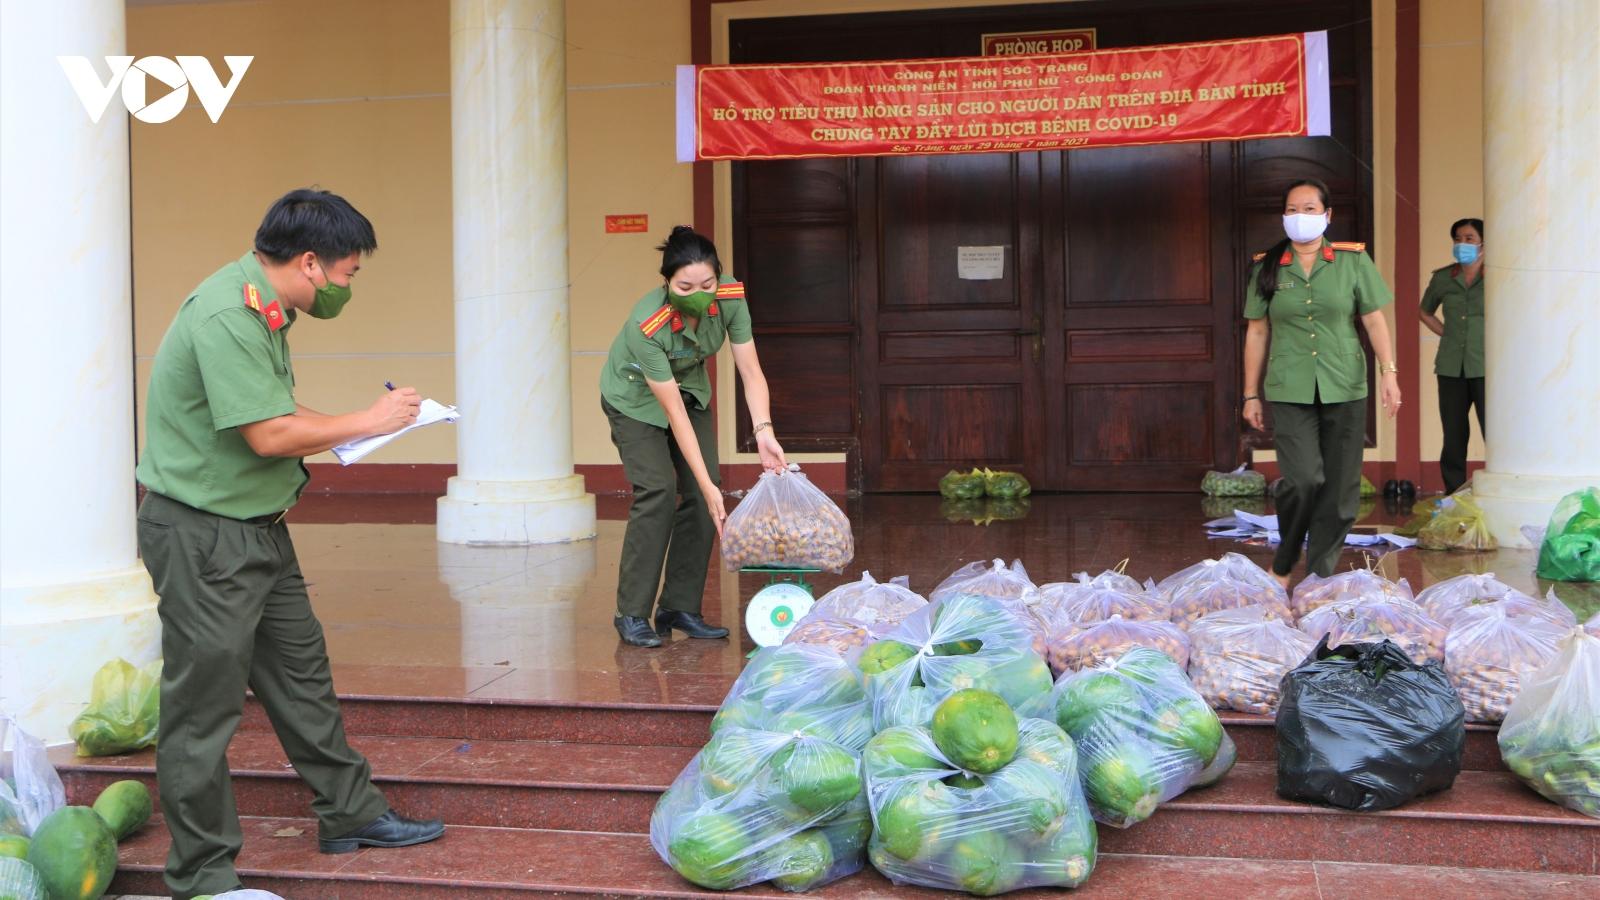 Cán bộ, chiến sĩ tham gia cùng người dân thu hoạch, hỗ trợ tiêu thụ nông sản